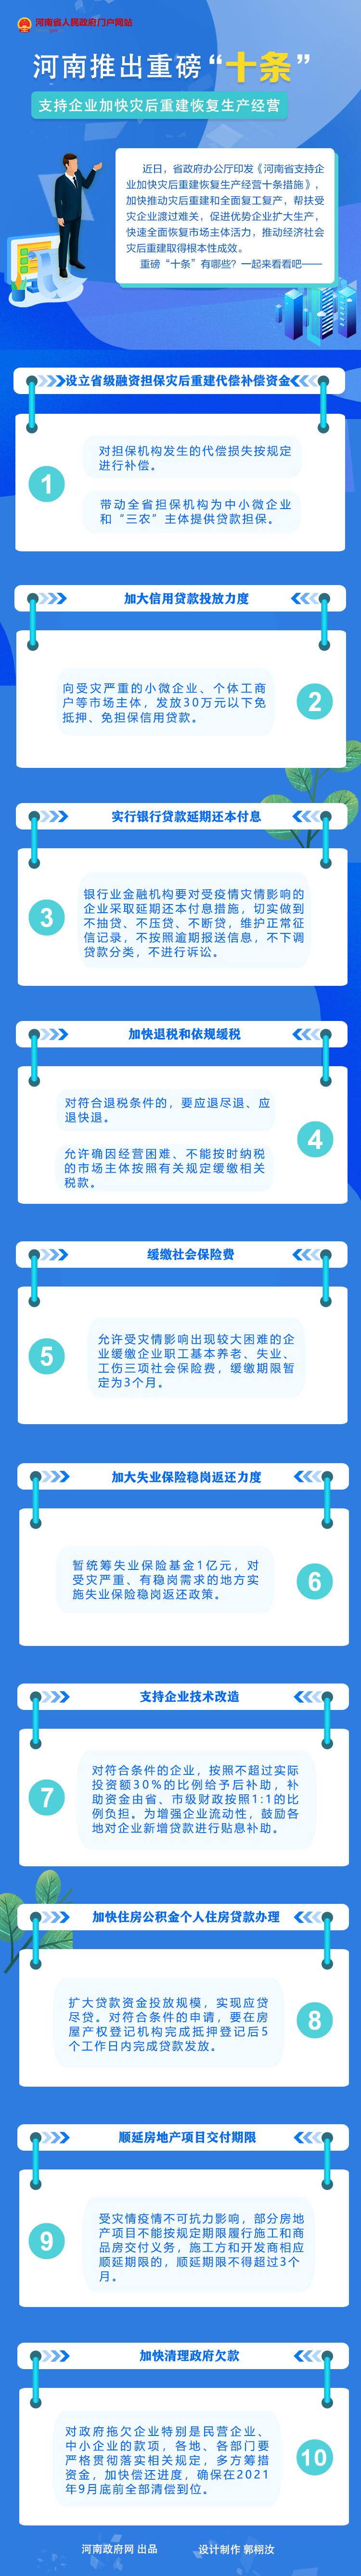 """图解丨河南重磅推出""""十条"""" 支持企业加快灾后重建恢复生产经营"""